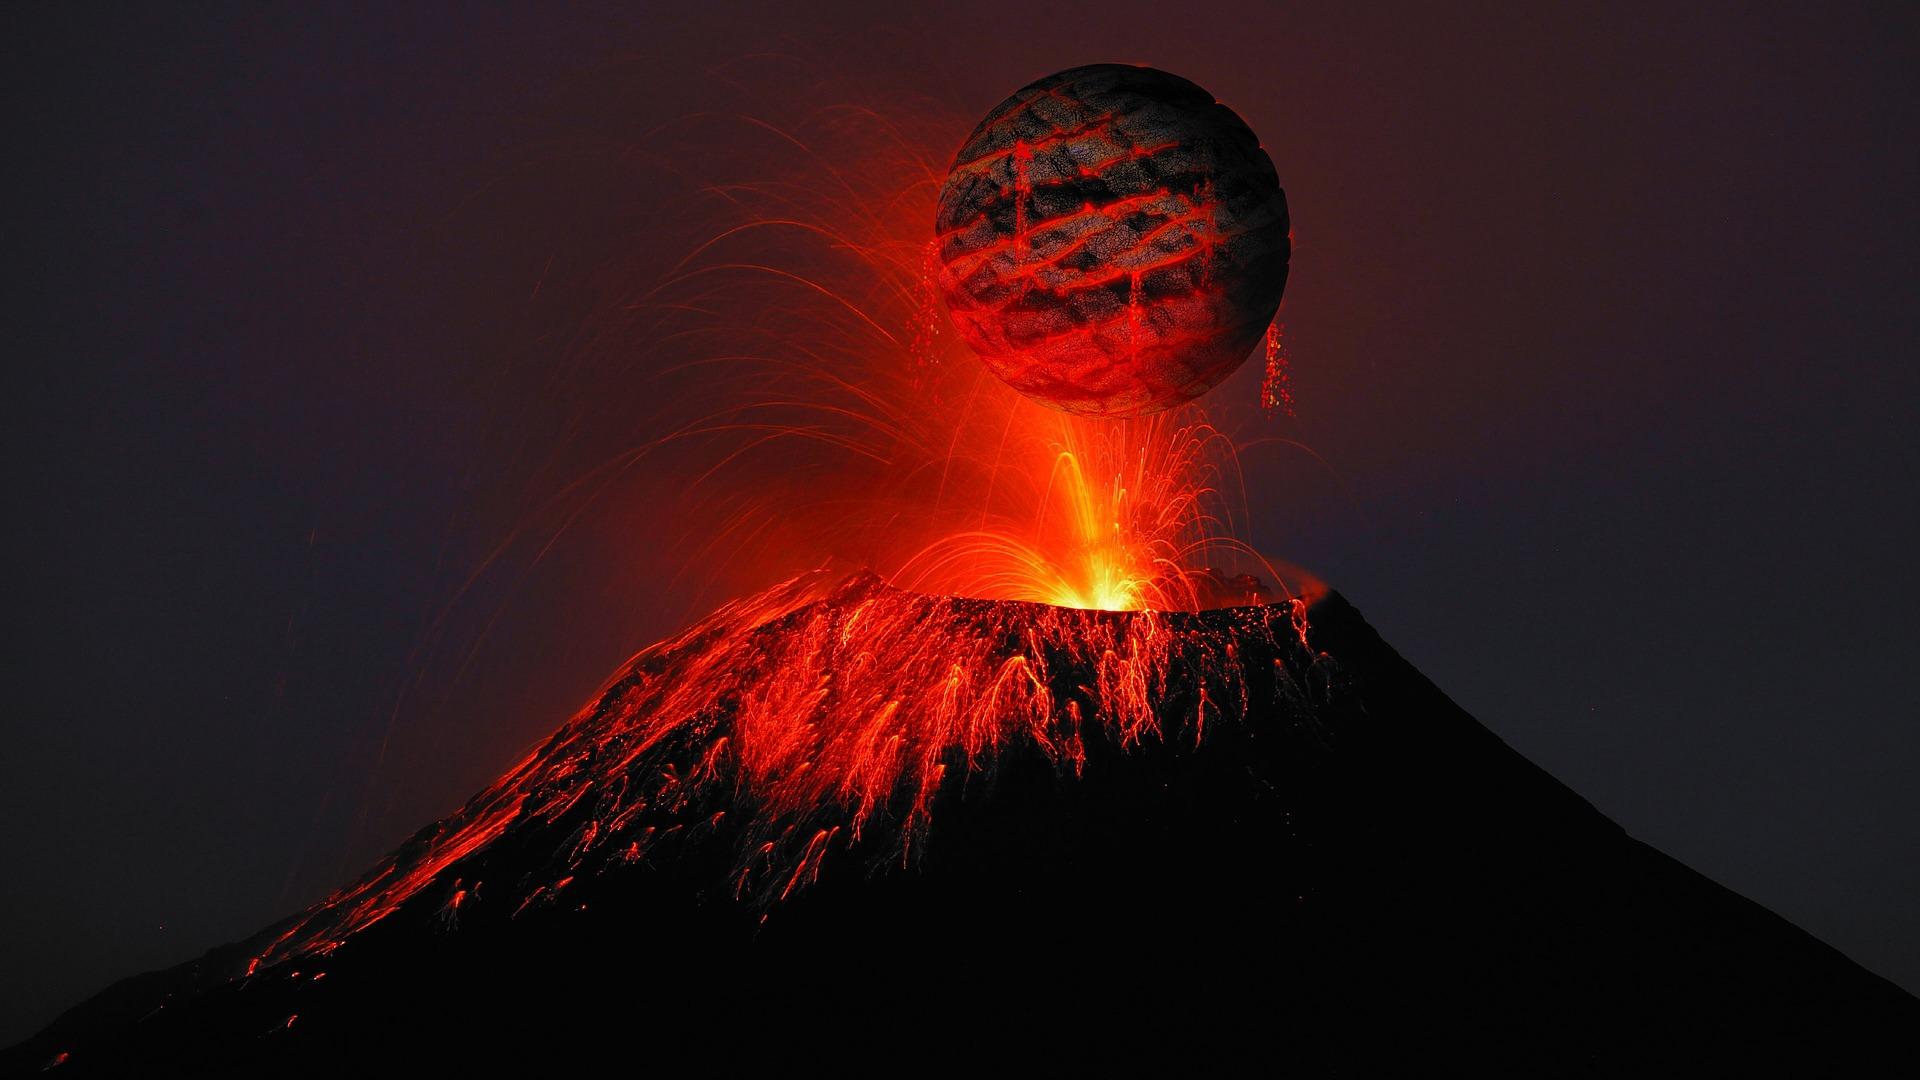 volcano-2876292_1920.jpg